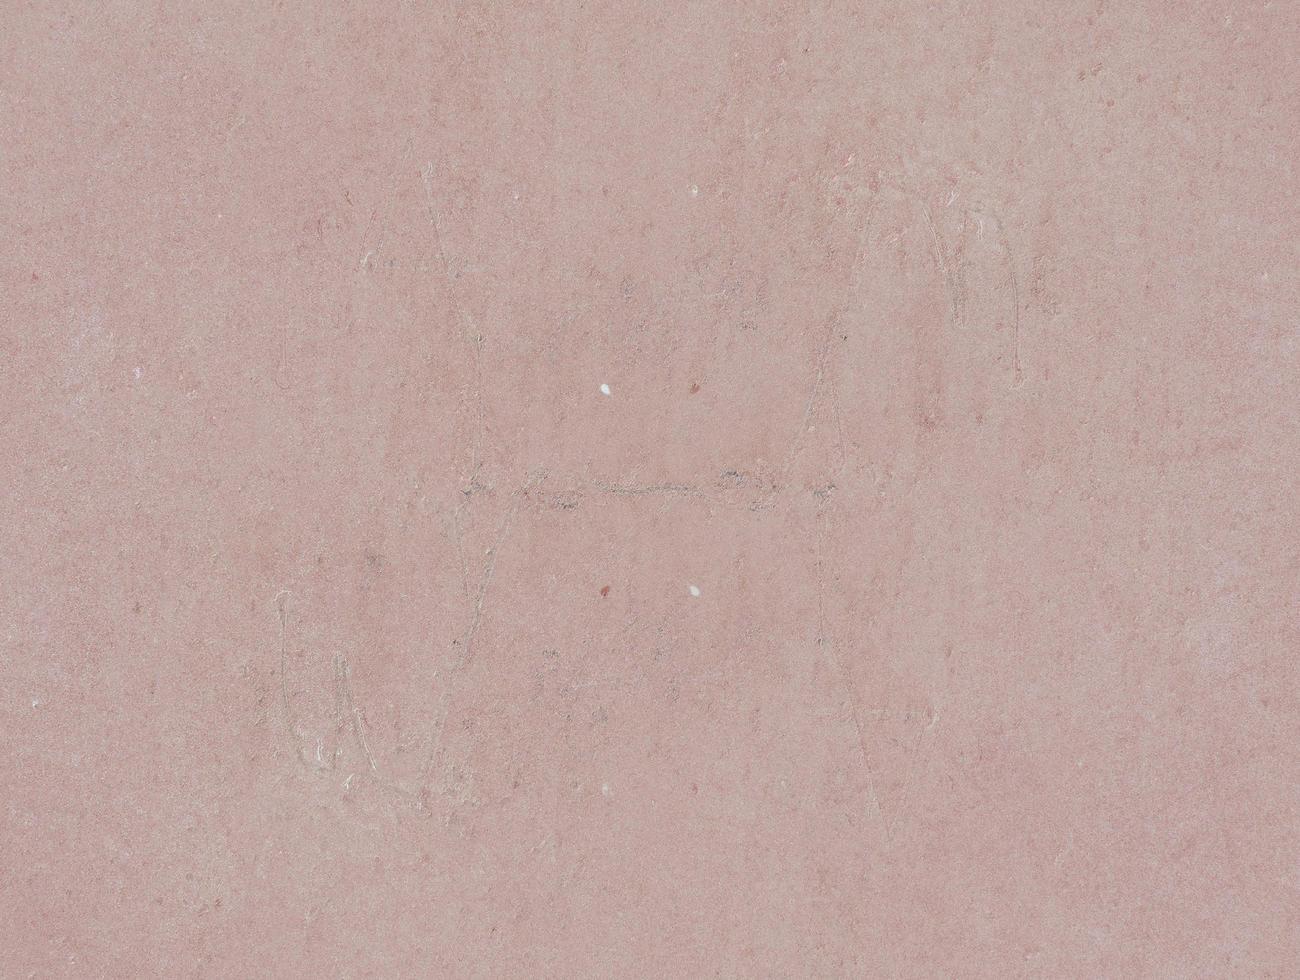 rosa Wandbeschaffenheit foto